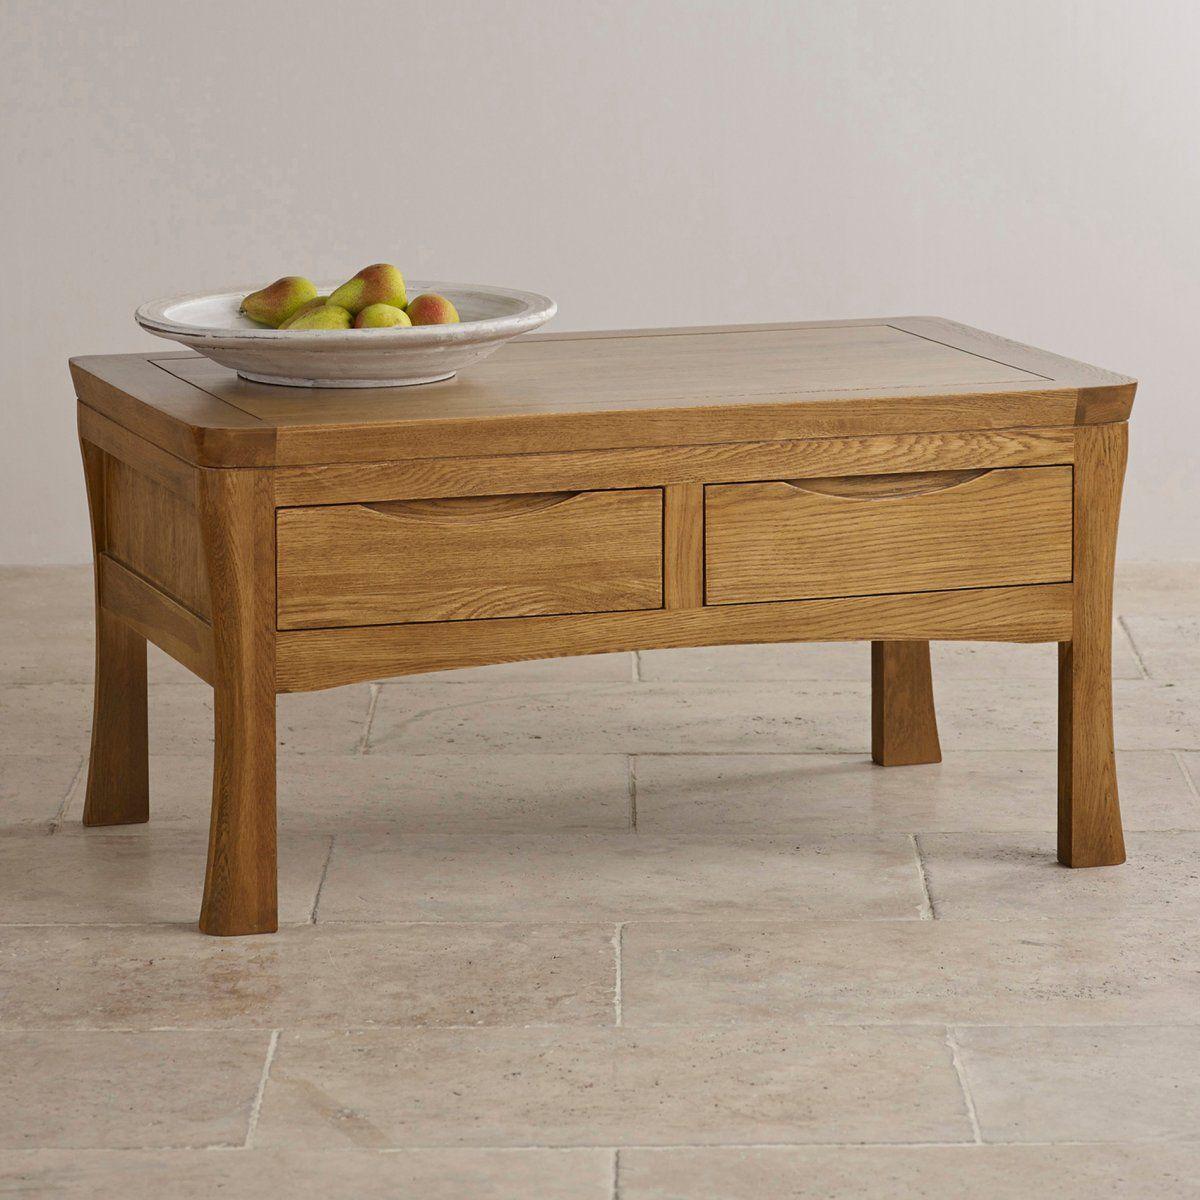 Orrick 4 Drawer Coffee Table In Rustic Oak Oak Furniture Land Stoliki Zhurnalnyj Stolik Belaya Mebel [ 1200 x 1200 Pixel ]